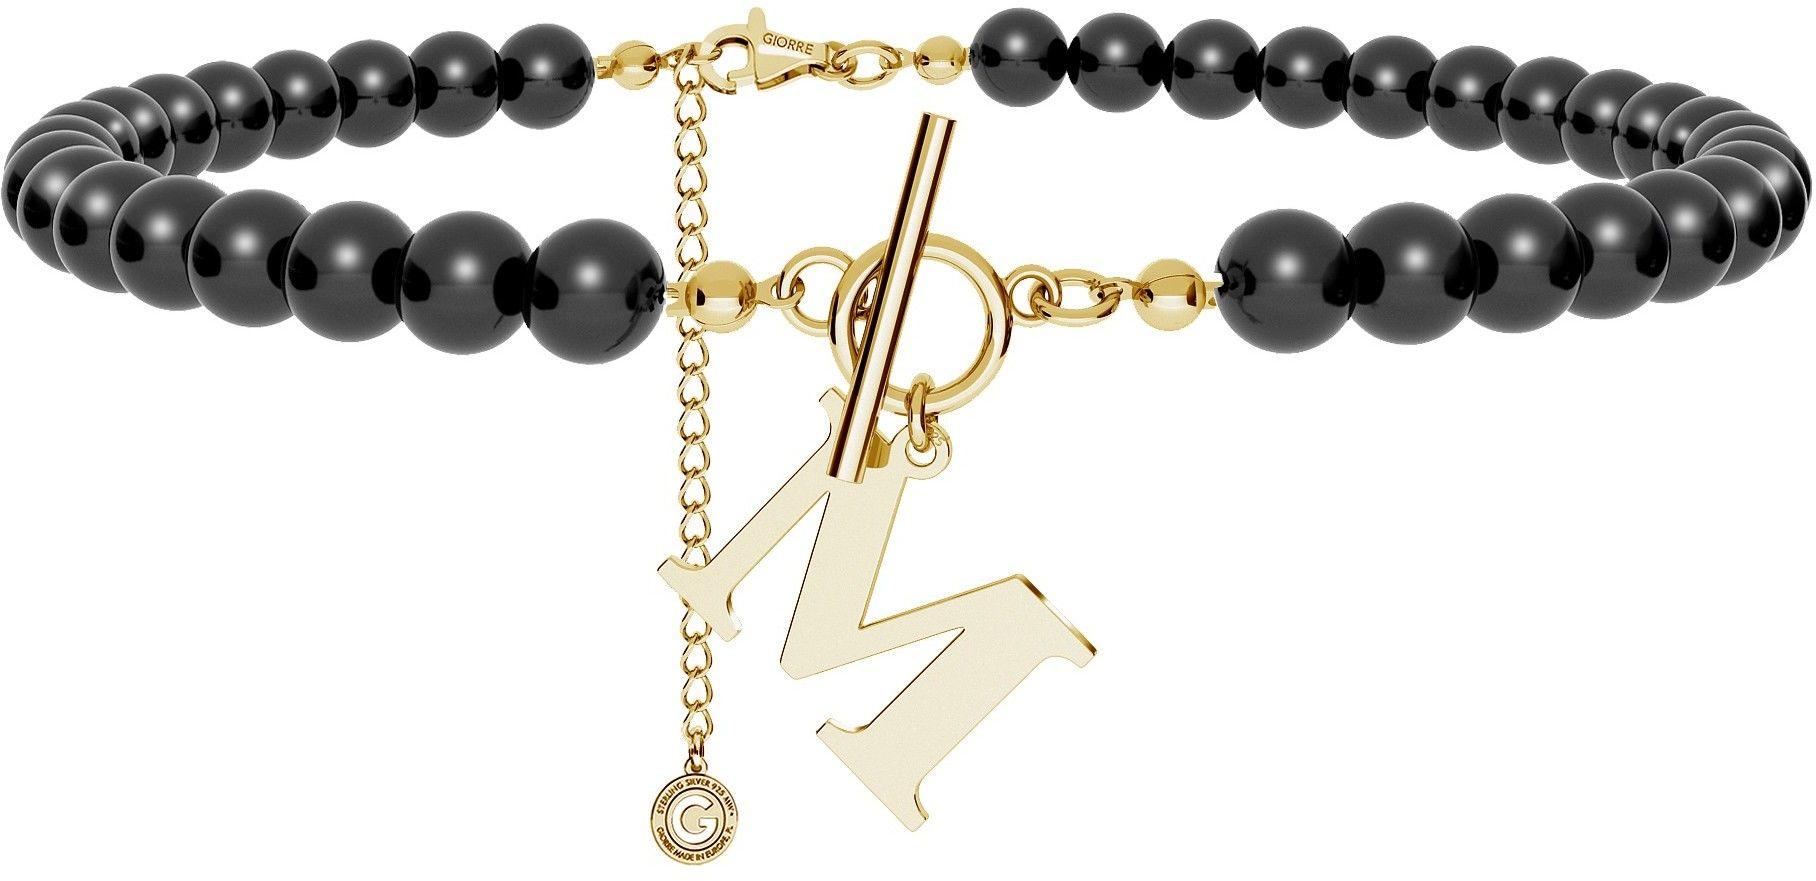 Czarny perłowy choker z dowolną literą, Swarovski, srebro 925 : Litera - D, Srebro - kolor pokrycia - Pokrycie platyną